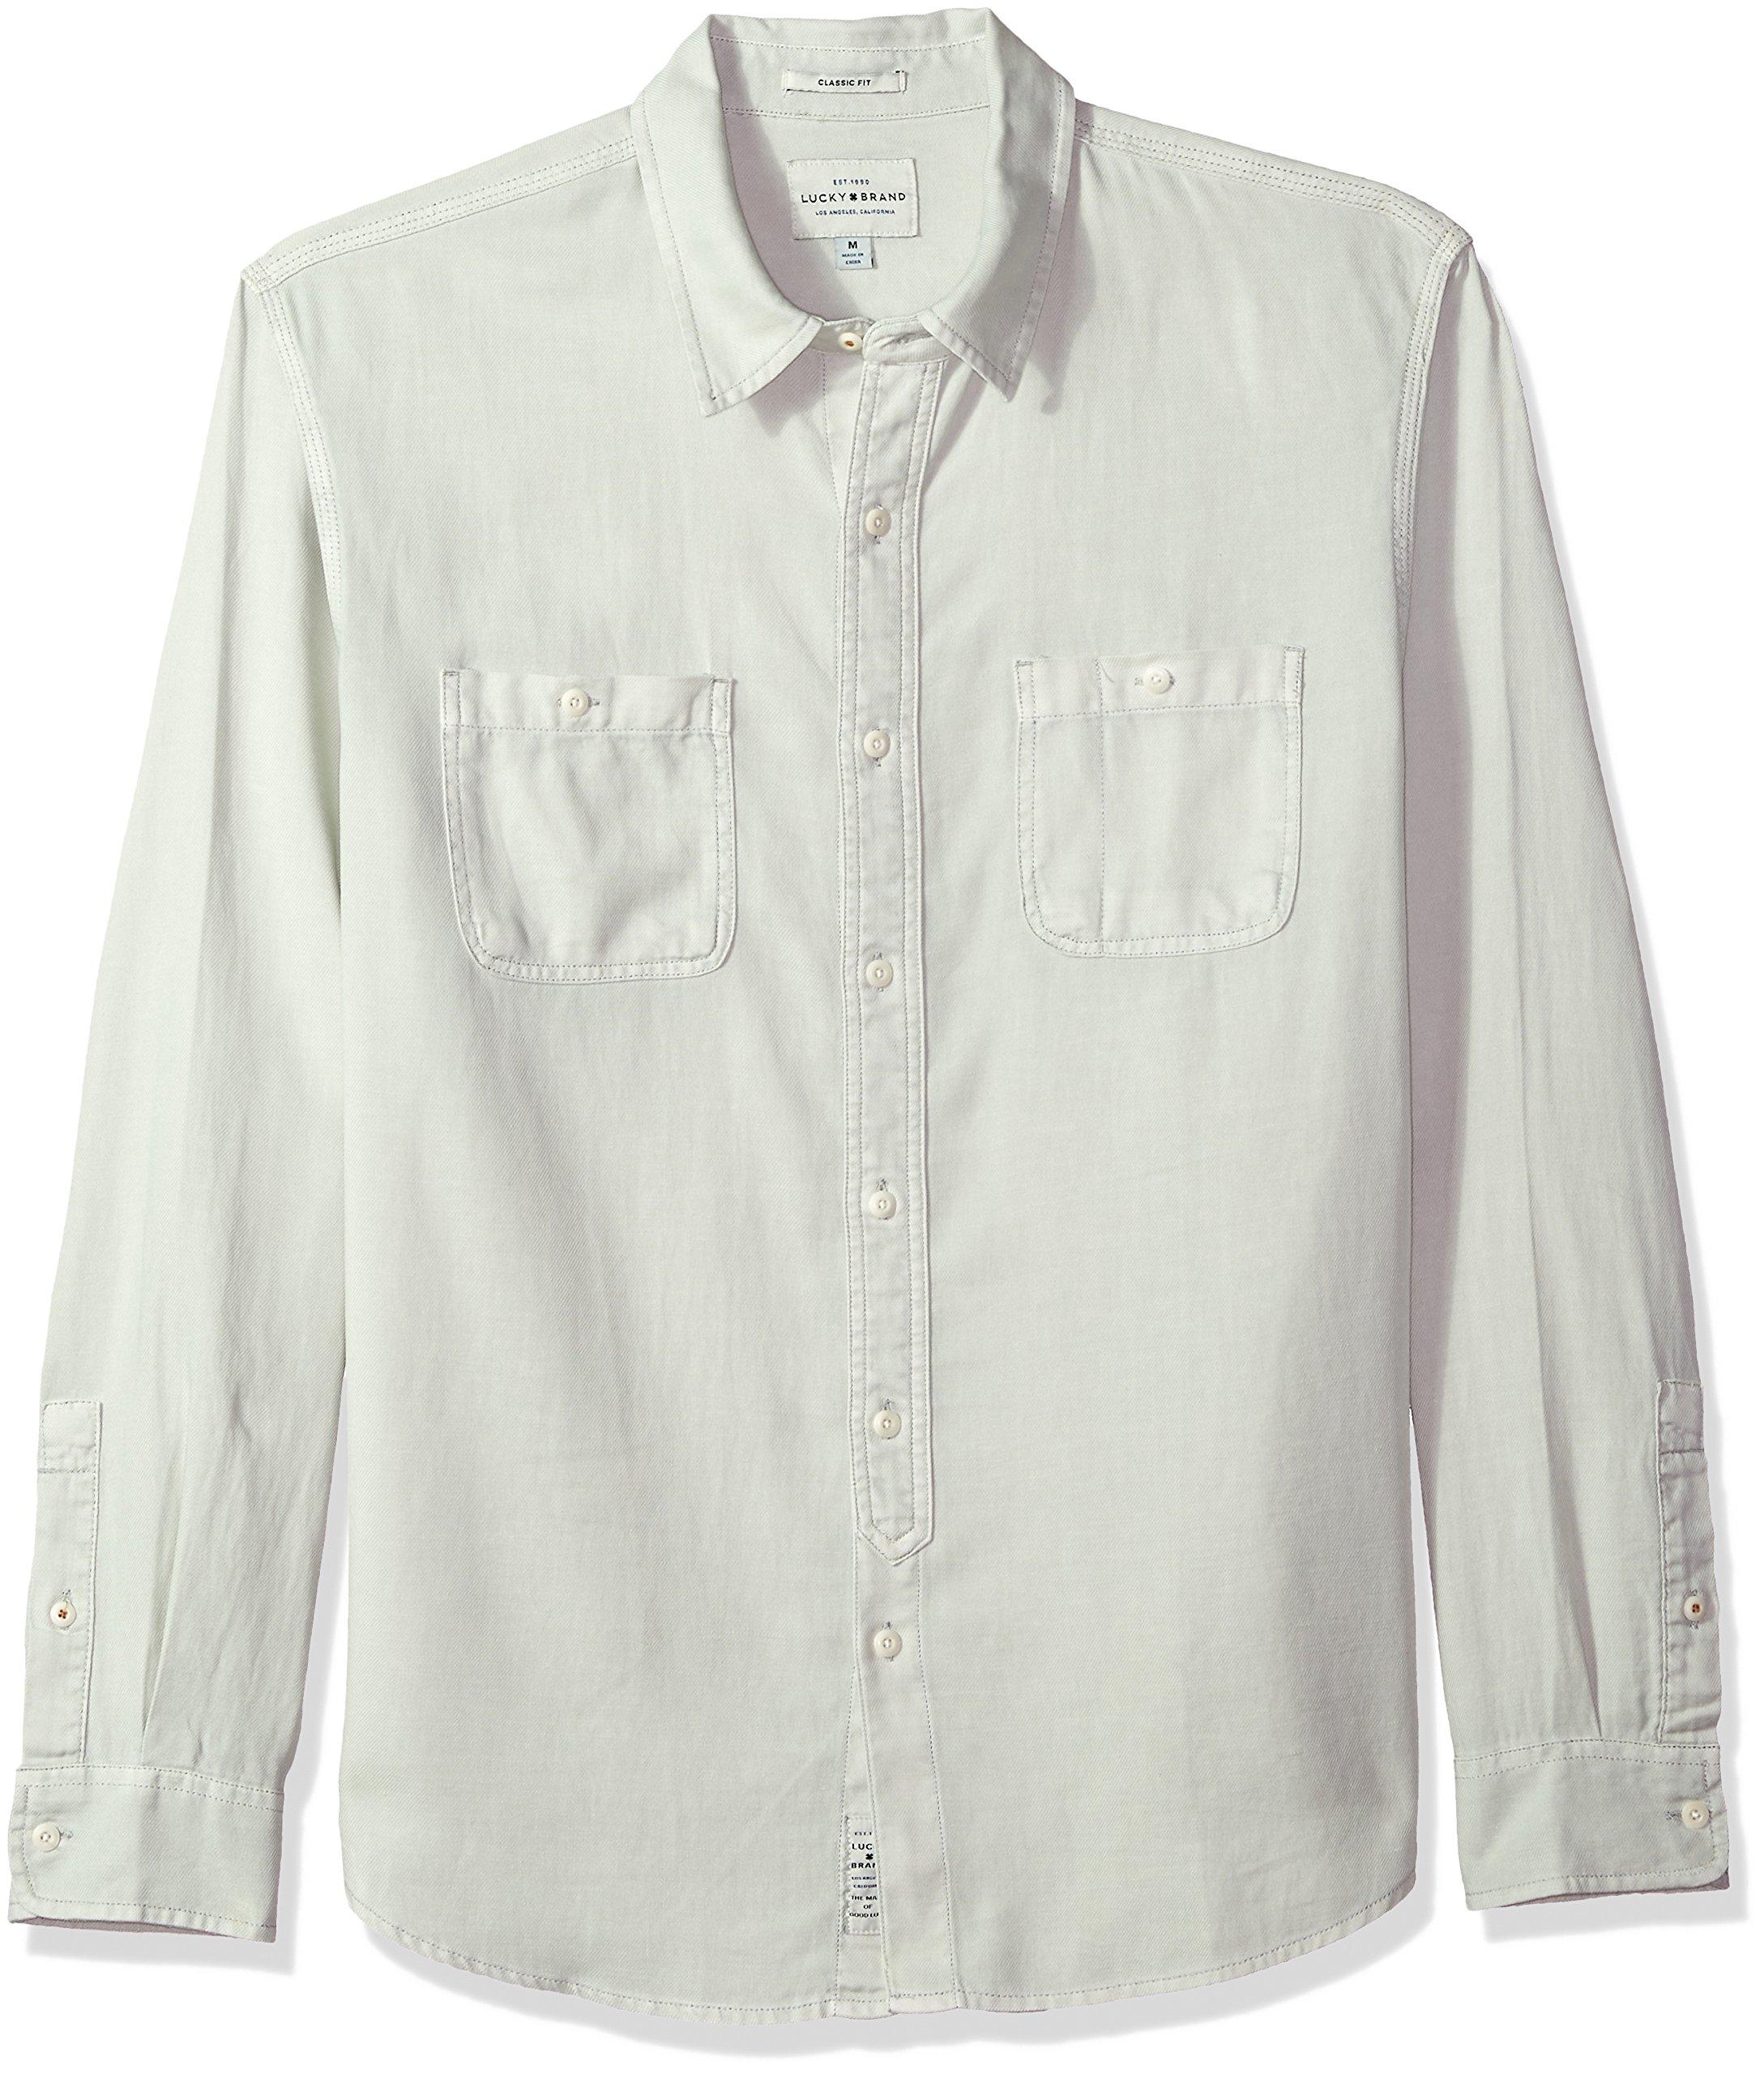 Lucky Brand Men's Casual Long Sleeve Workwear Button Down Shirt, Mint, XL